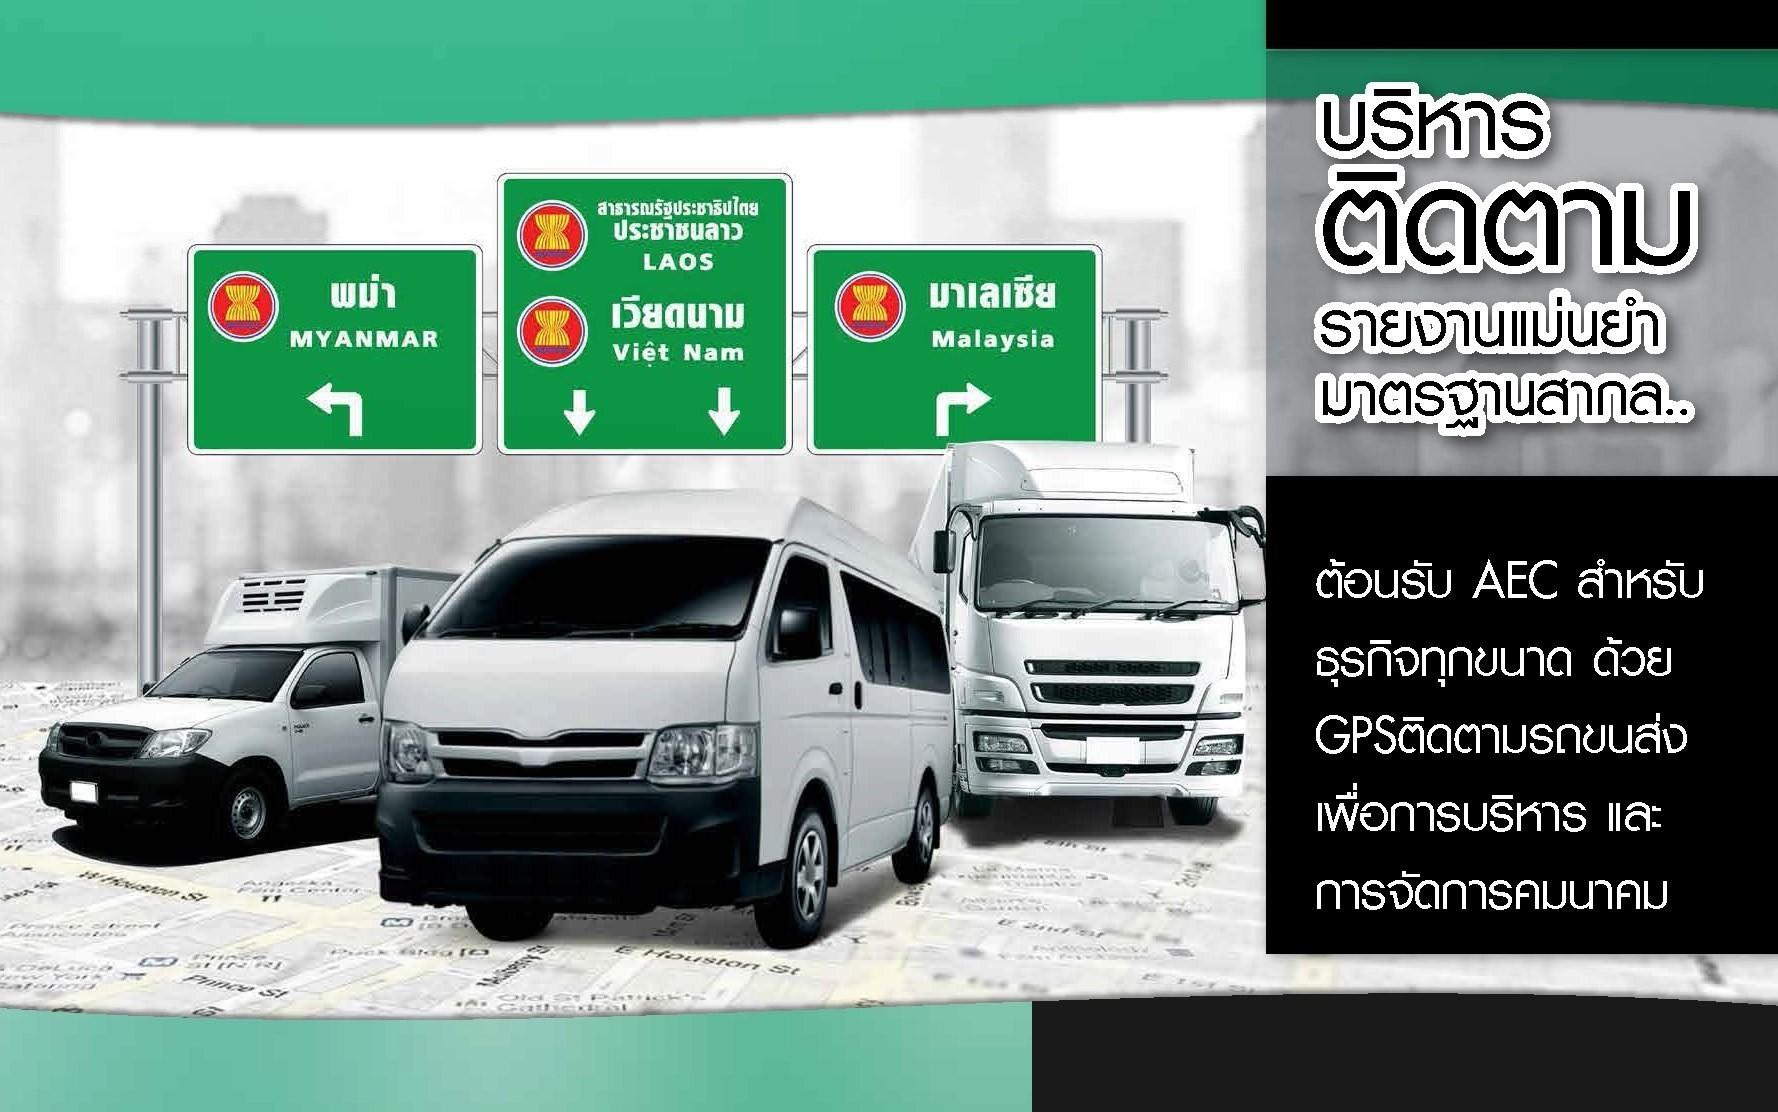 จีพีเอสติดตามรถยนต์ ราคาถูก รุ่น MINI UPGRADE 2020 : G-SERIES